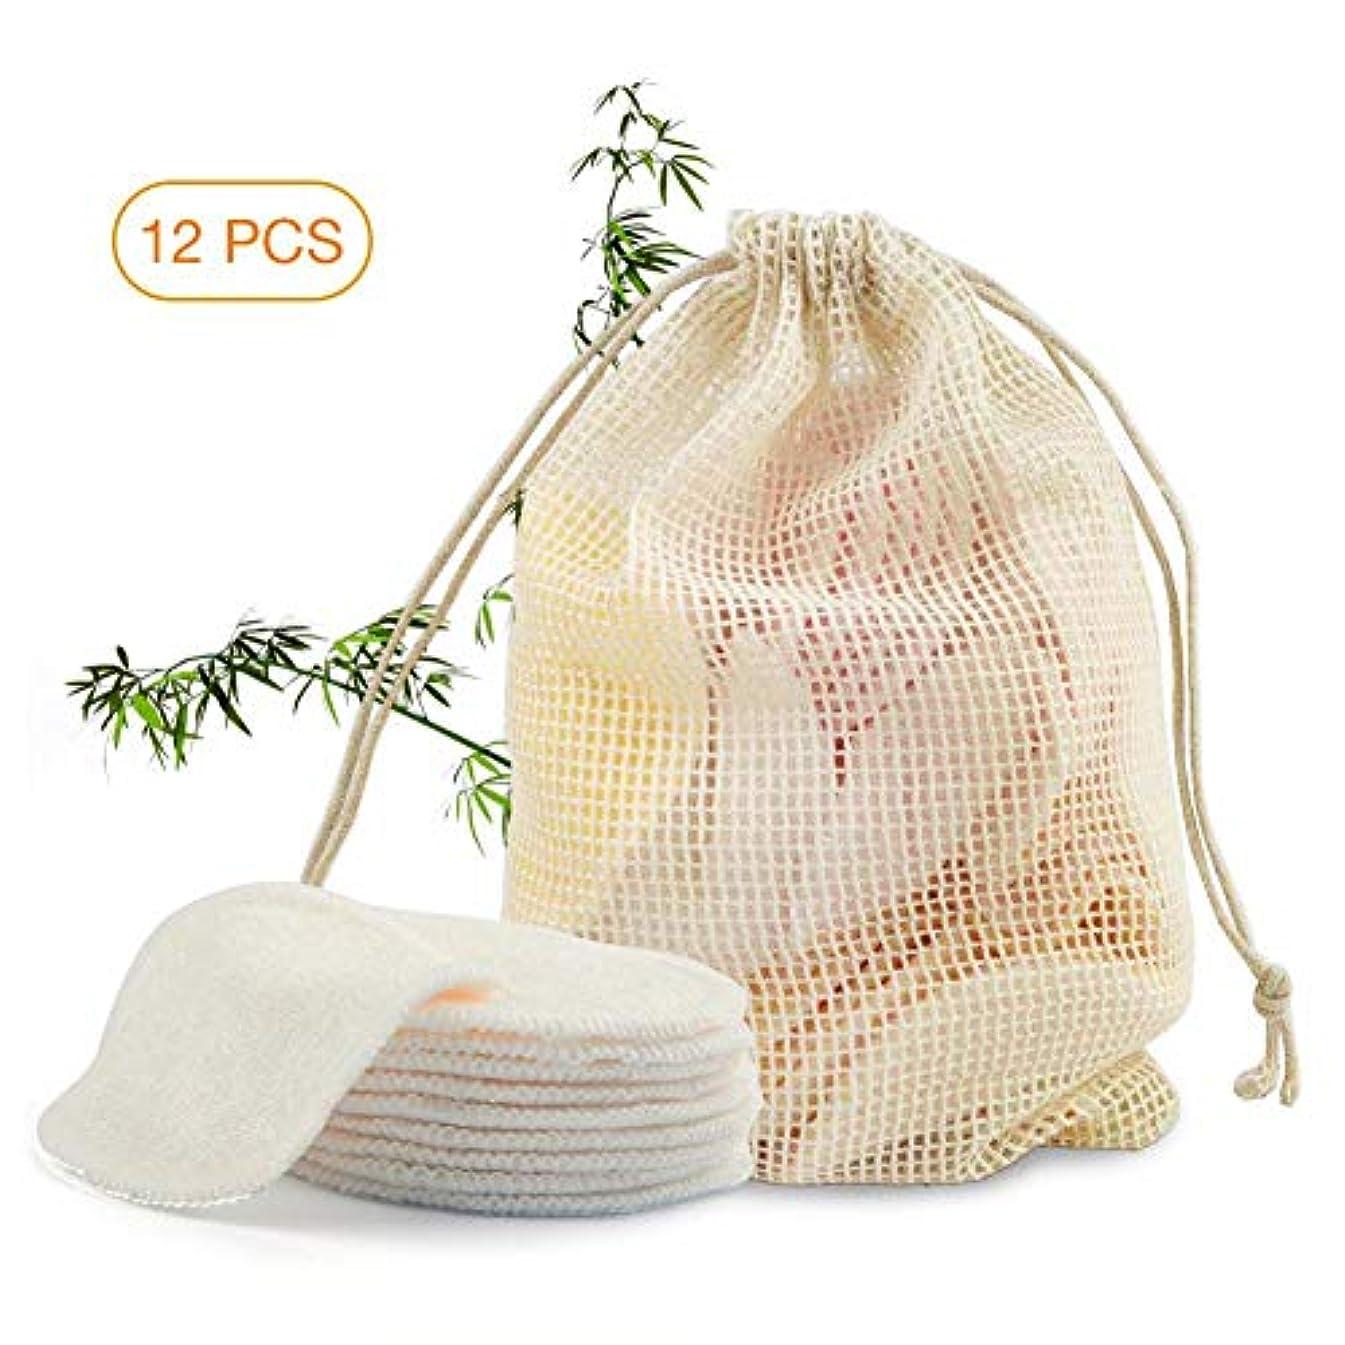 バタフライ錆び依存クレンジングシート 天然繊維素材 柔らかい バッグ付き 安全 非毒性 再利用可能 交換可能 旅行用